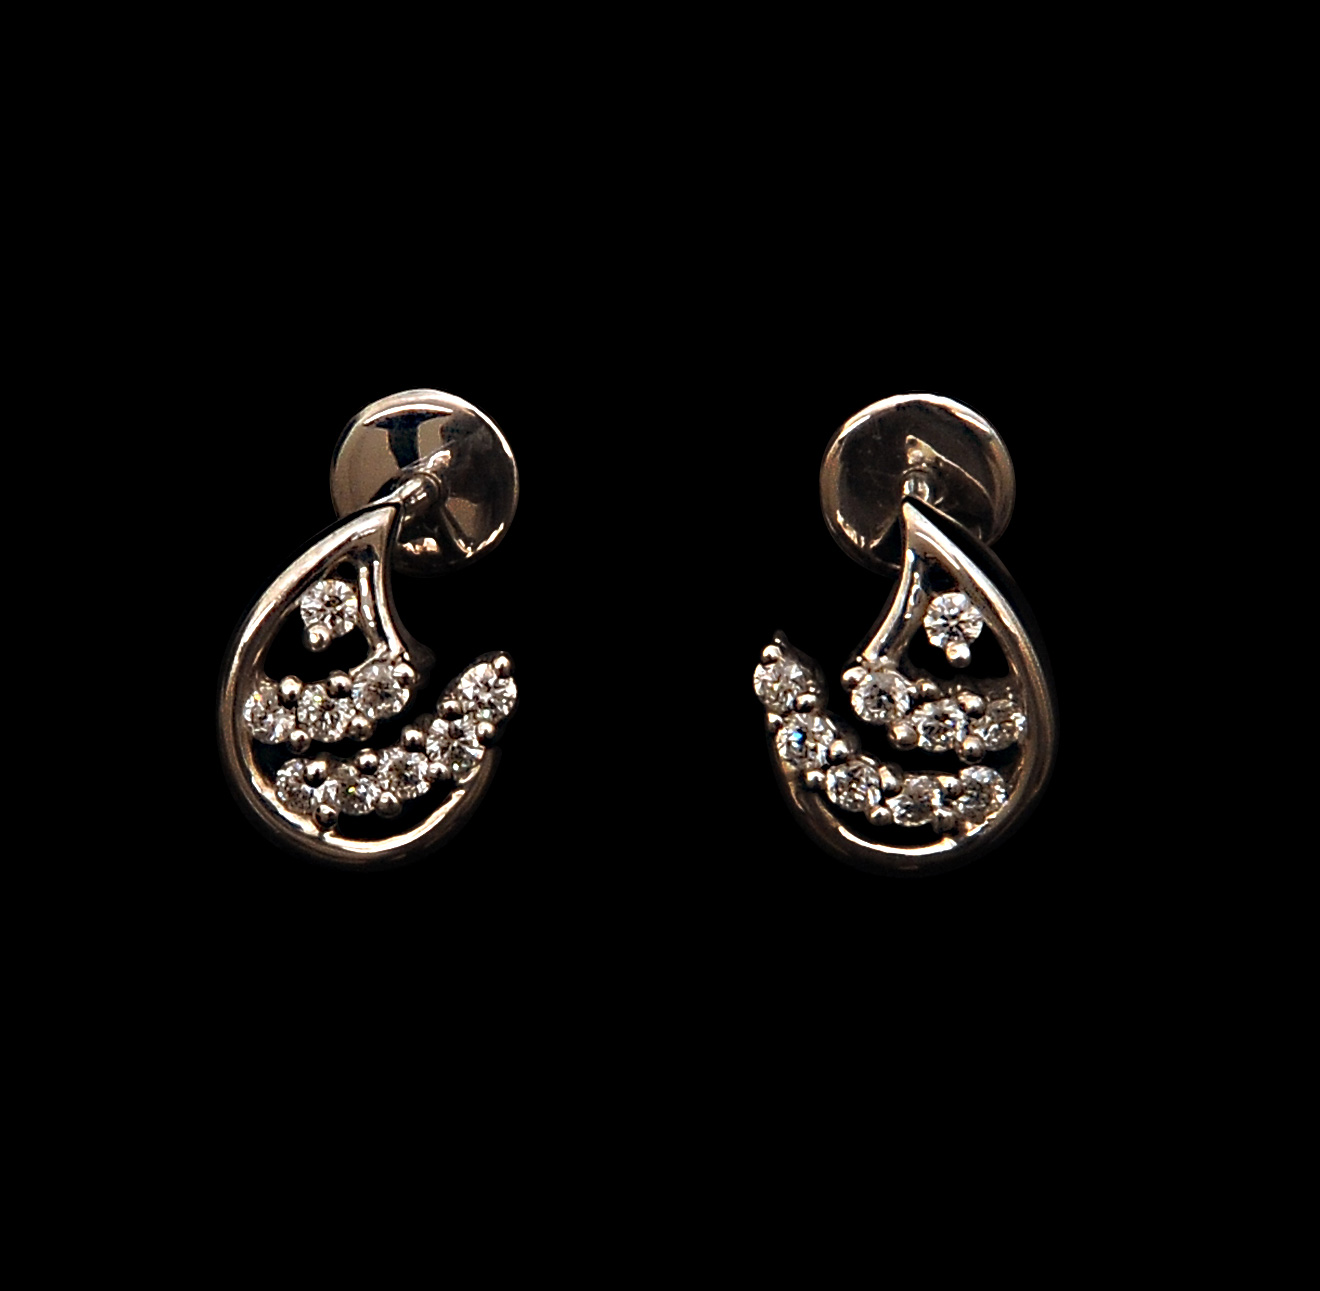 VBJ Platinum Diamond Earring Models